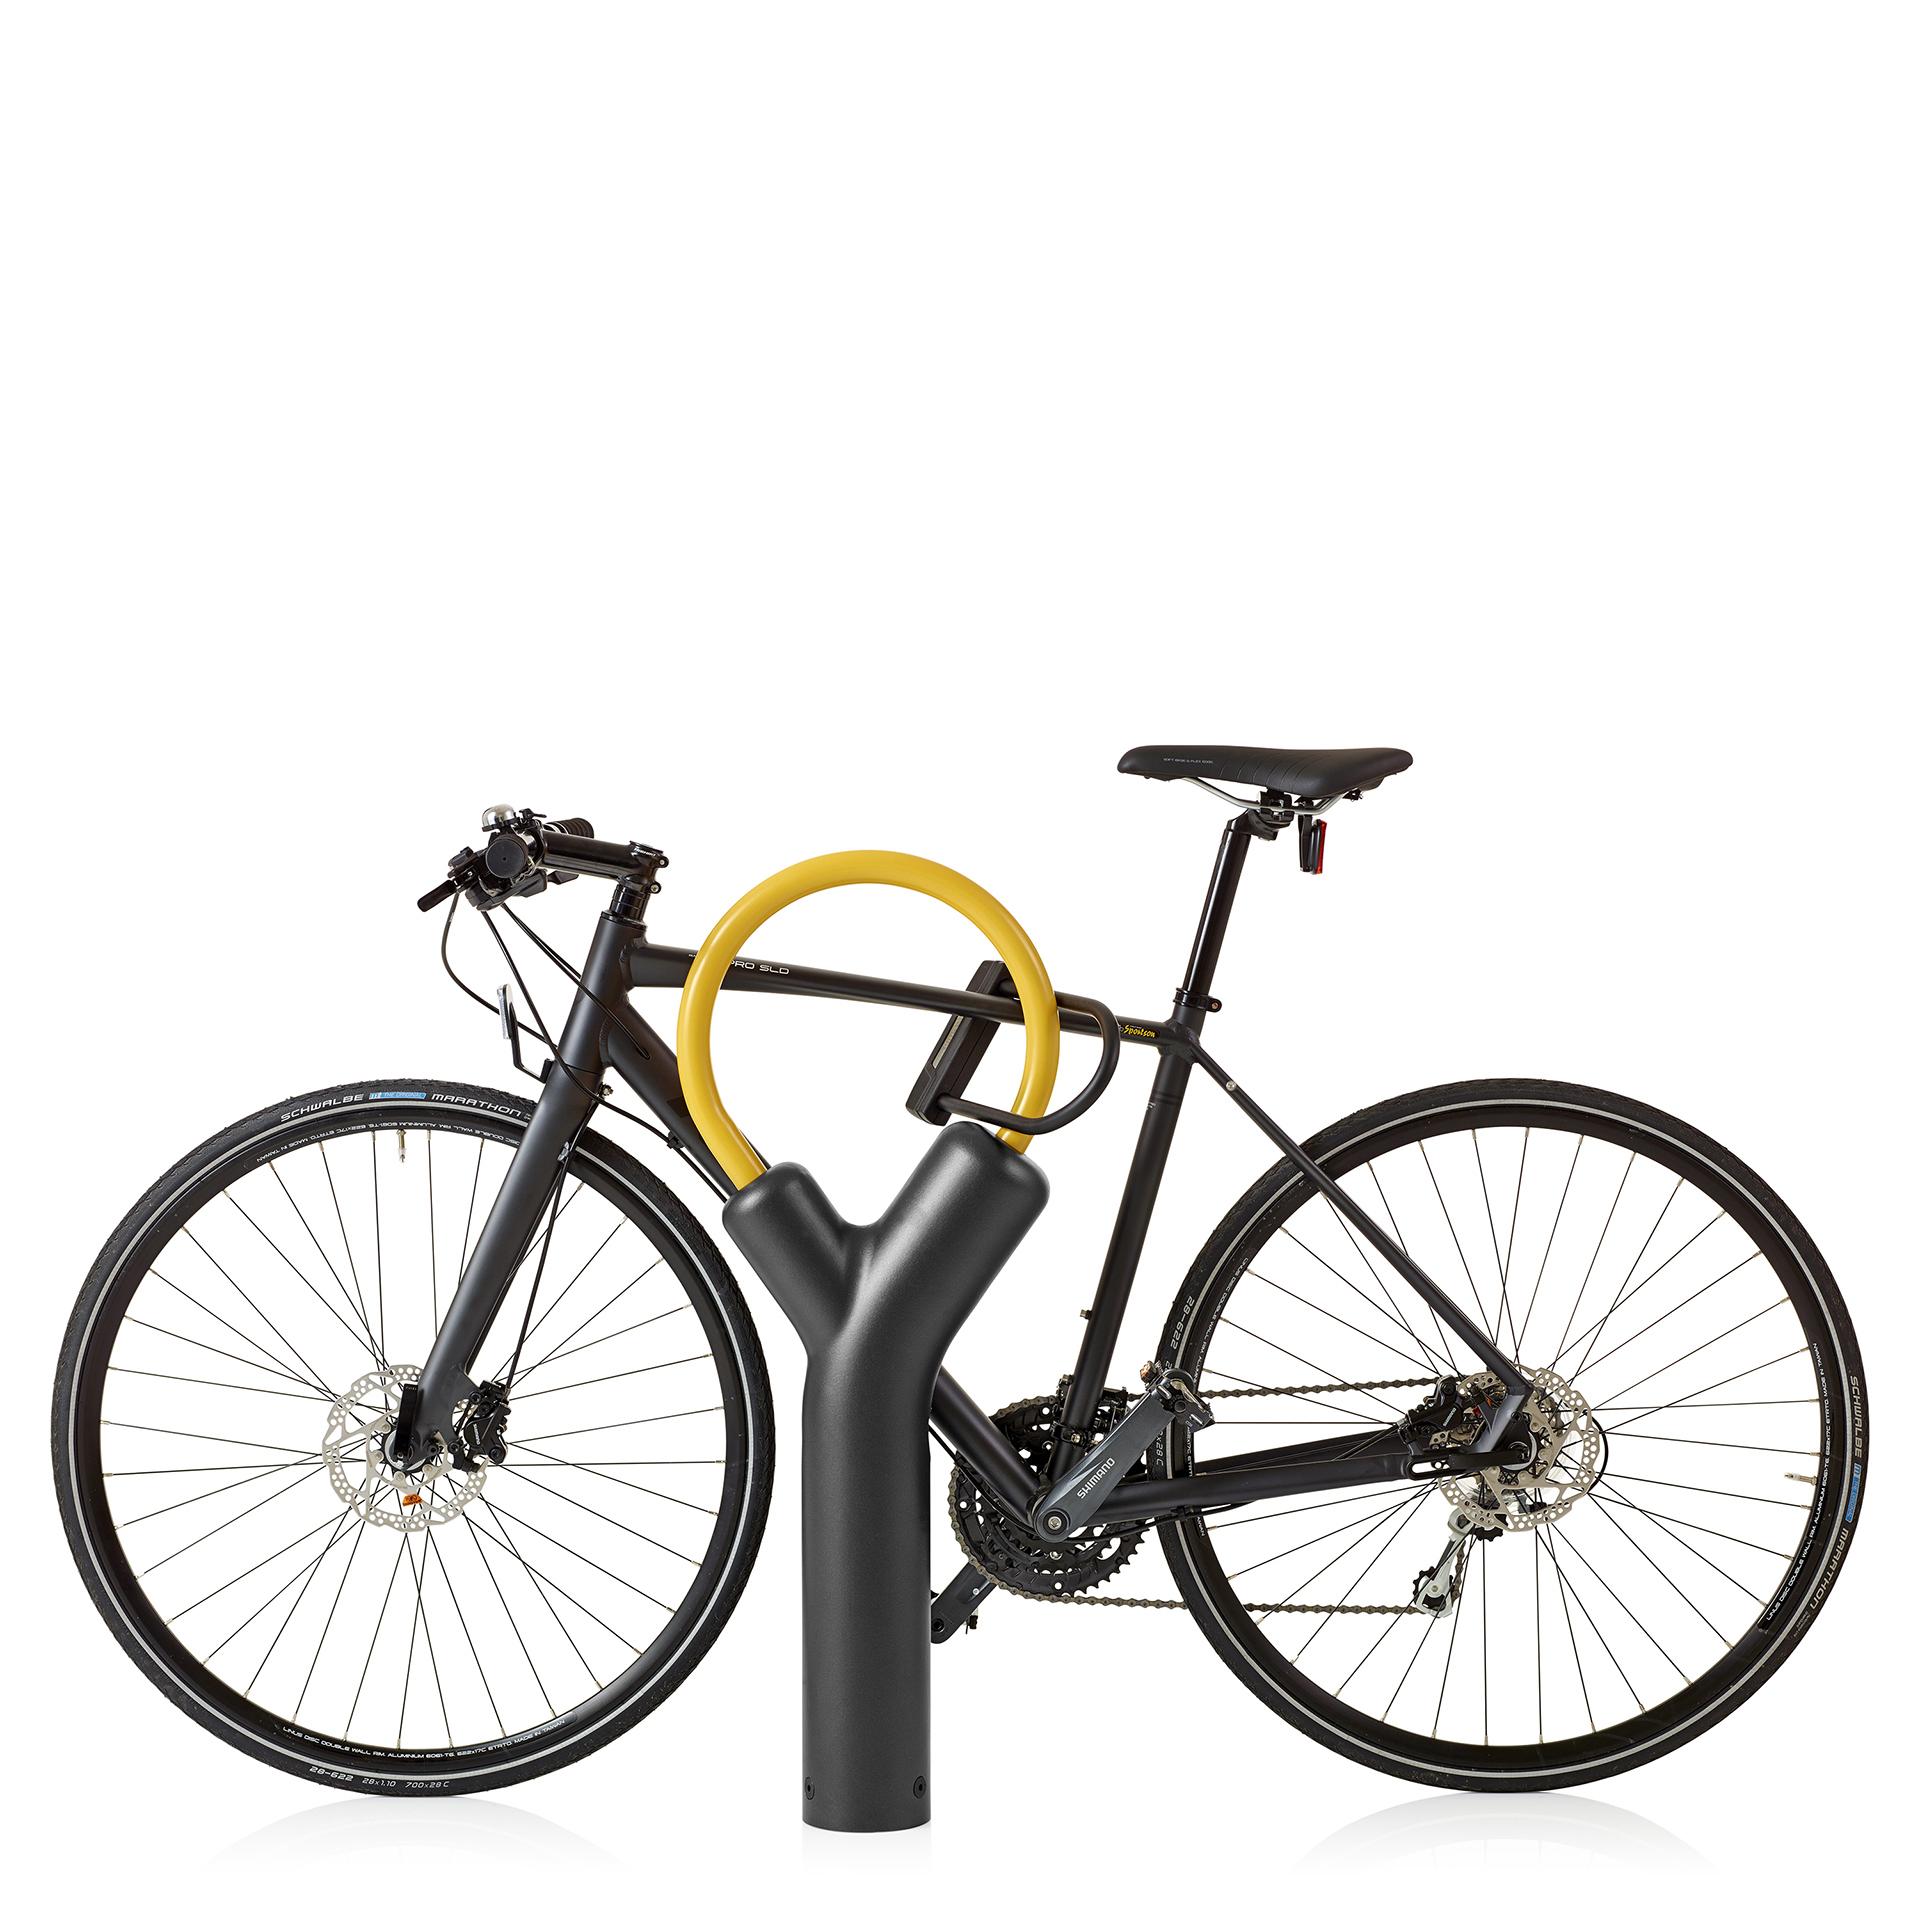 Fogdarp fietsbeugel geel met zwart